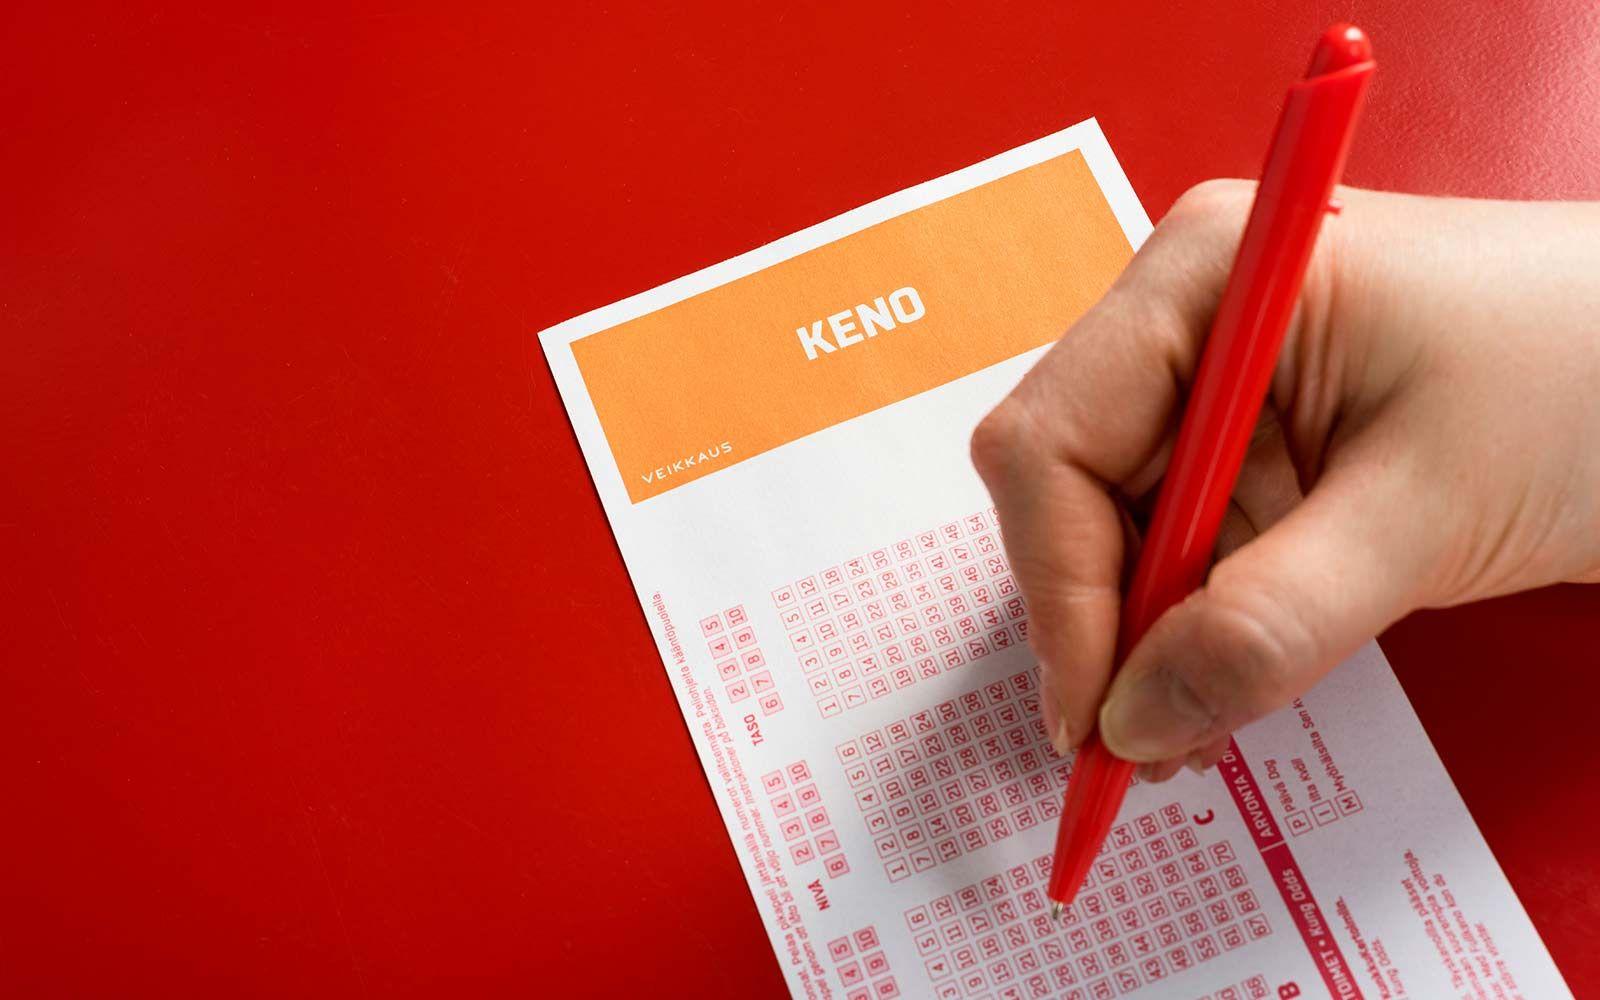 Лотерея финляндии veikkaus lotto — правила игры + инструкция: как играть из россии | зарубежные лотереи